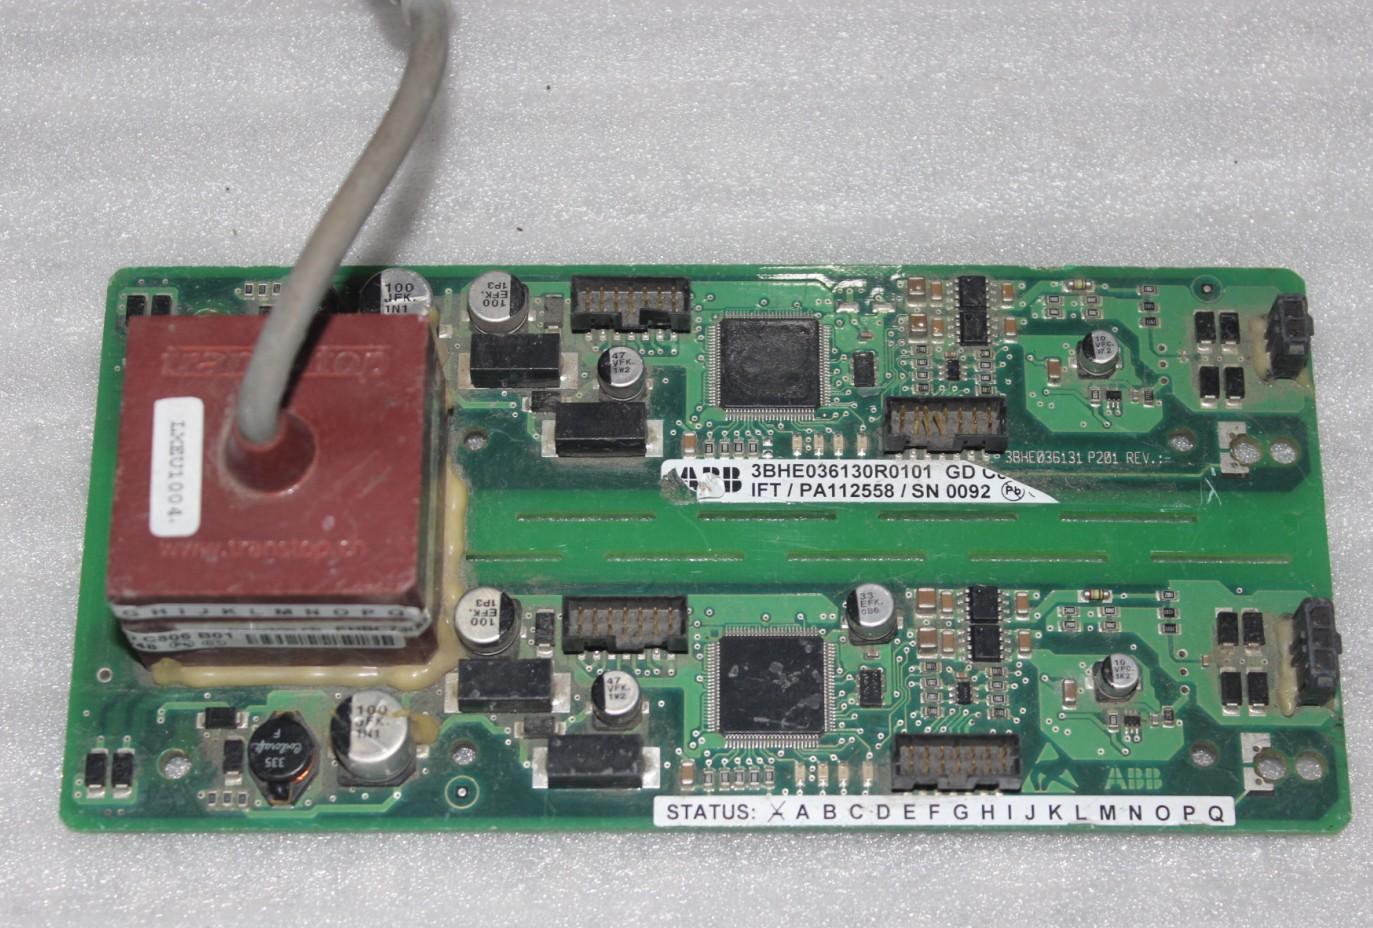 Máy tháo rời ABB bo mạch chủ biến tần cao áp 3BHE036130R0101